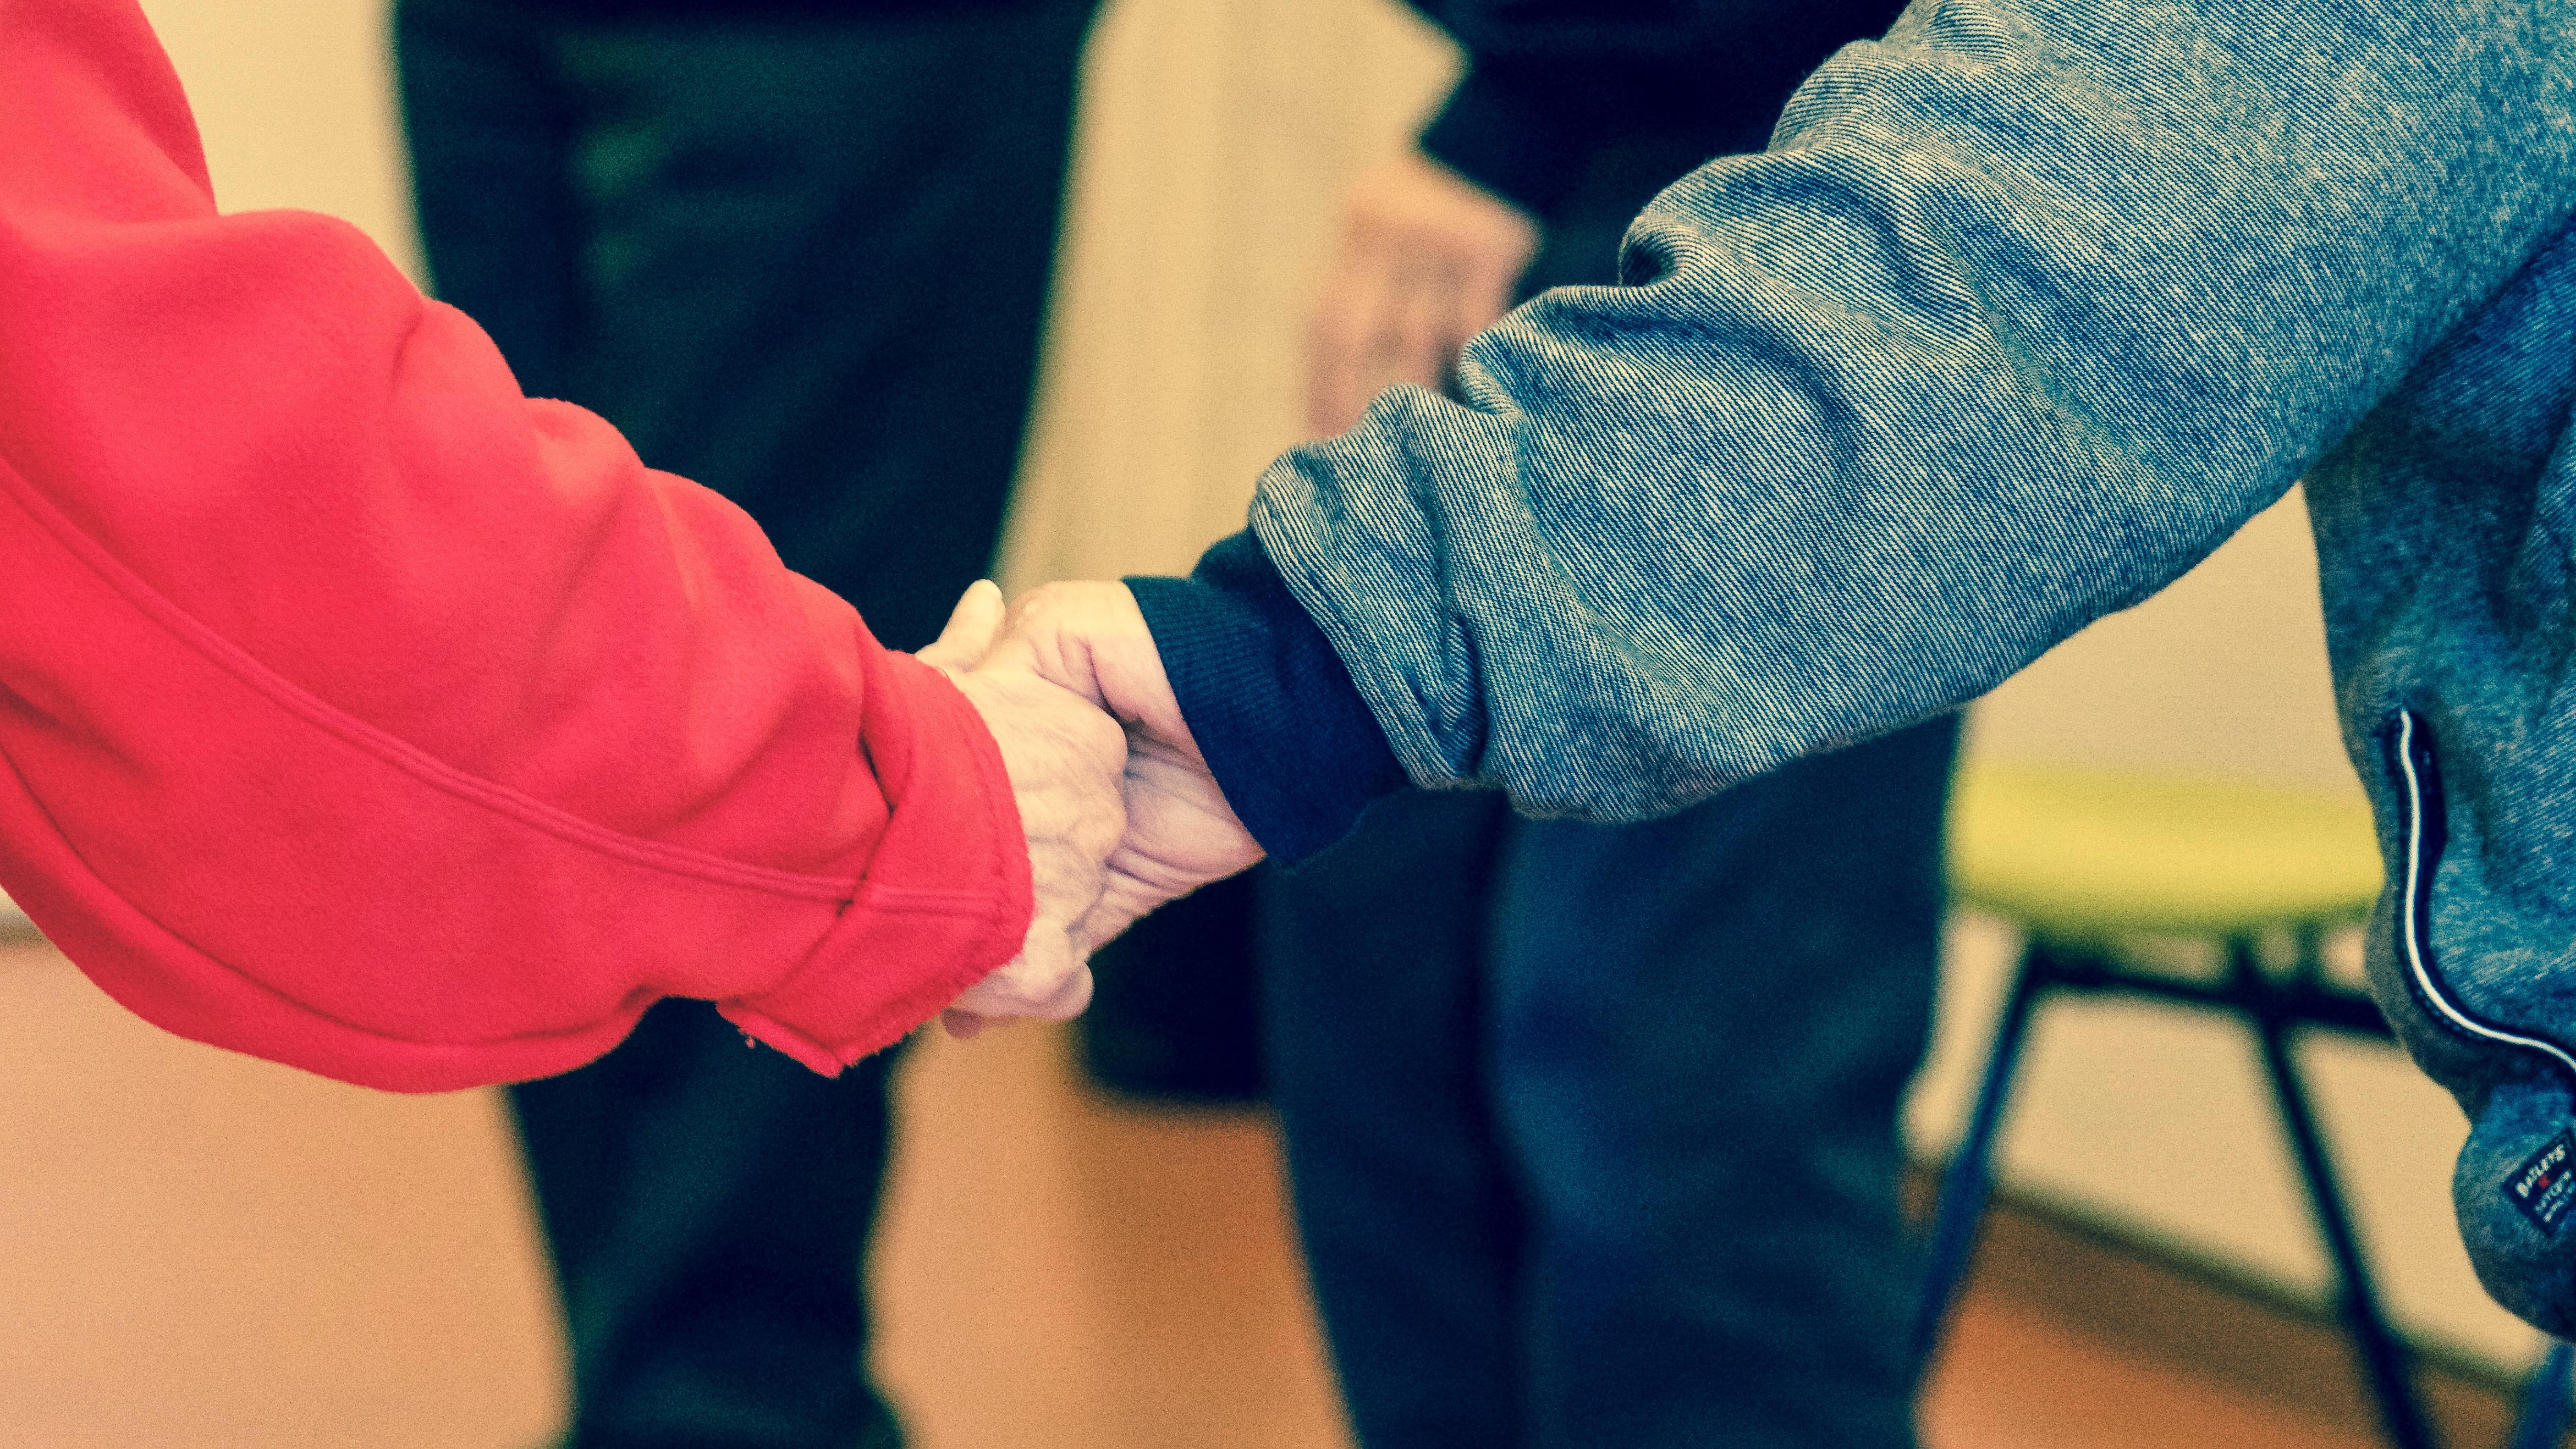 holding hands.jpeg